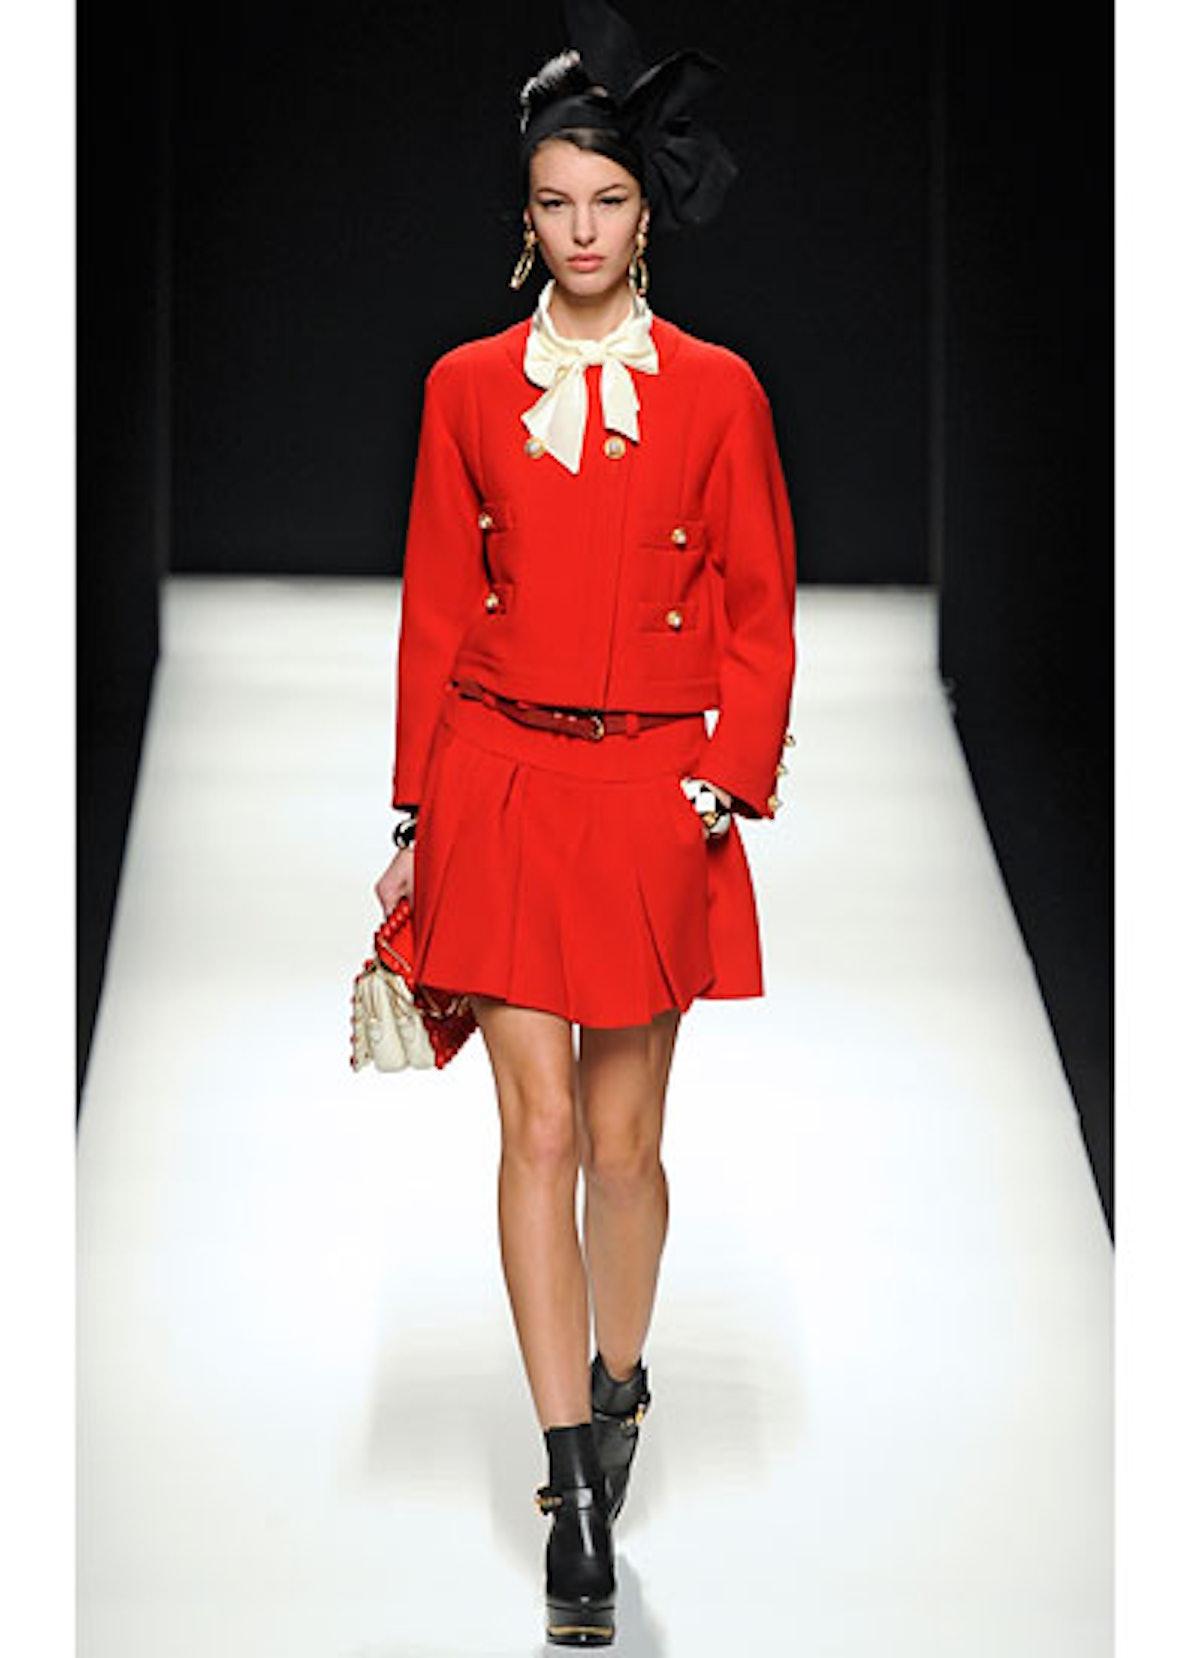 fass-moschino-fall-2012-runway-12-v.jpg